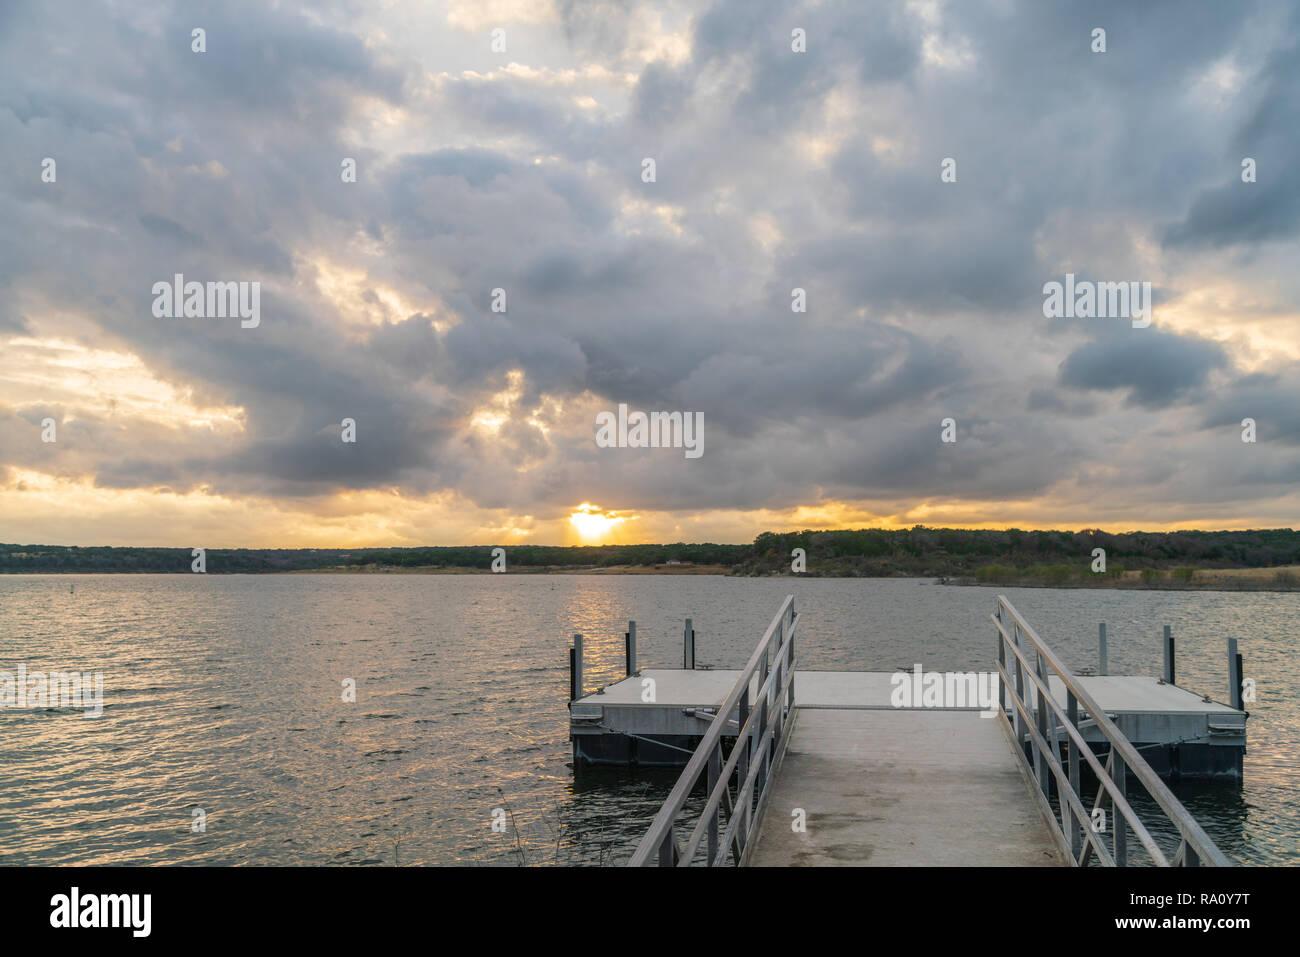 Texas Fishing Boat Stock Photos Amp Texas Fishing Boat Stock